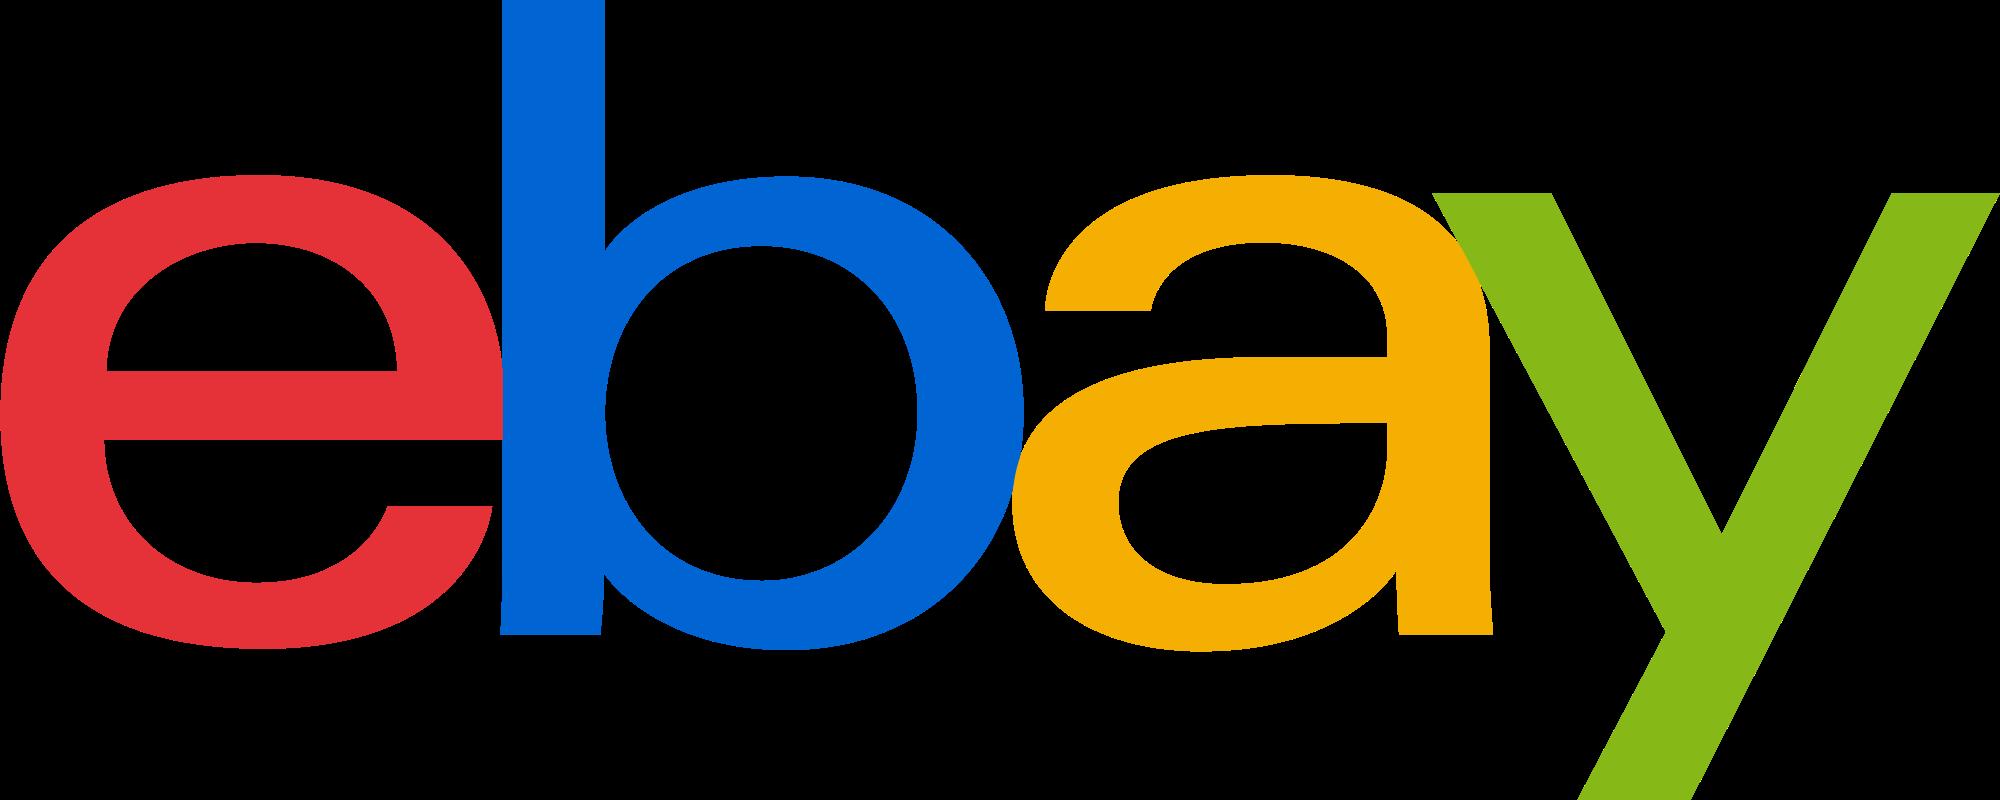 eBay dejará de dar soporte para su aplicación en Windows